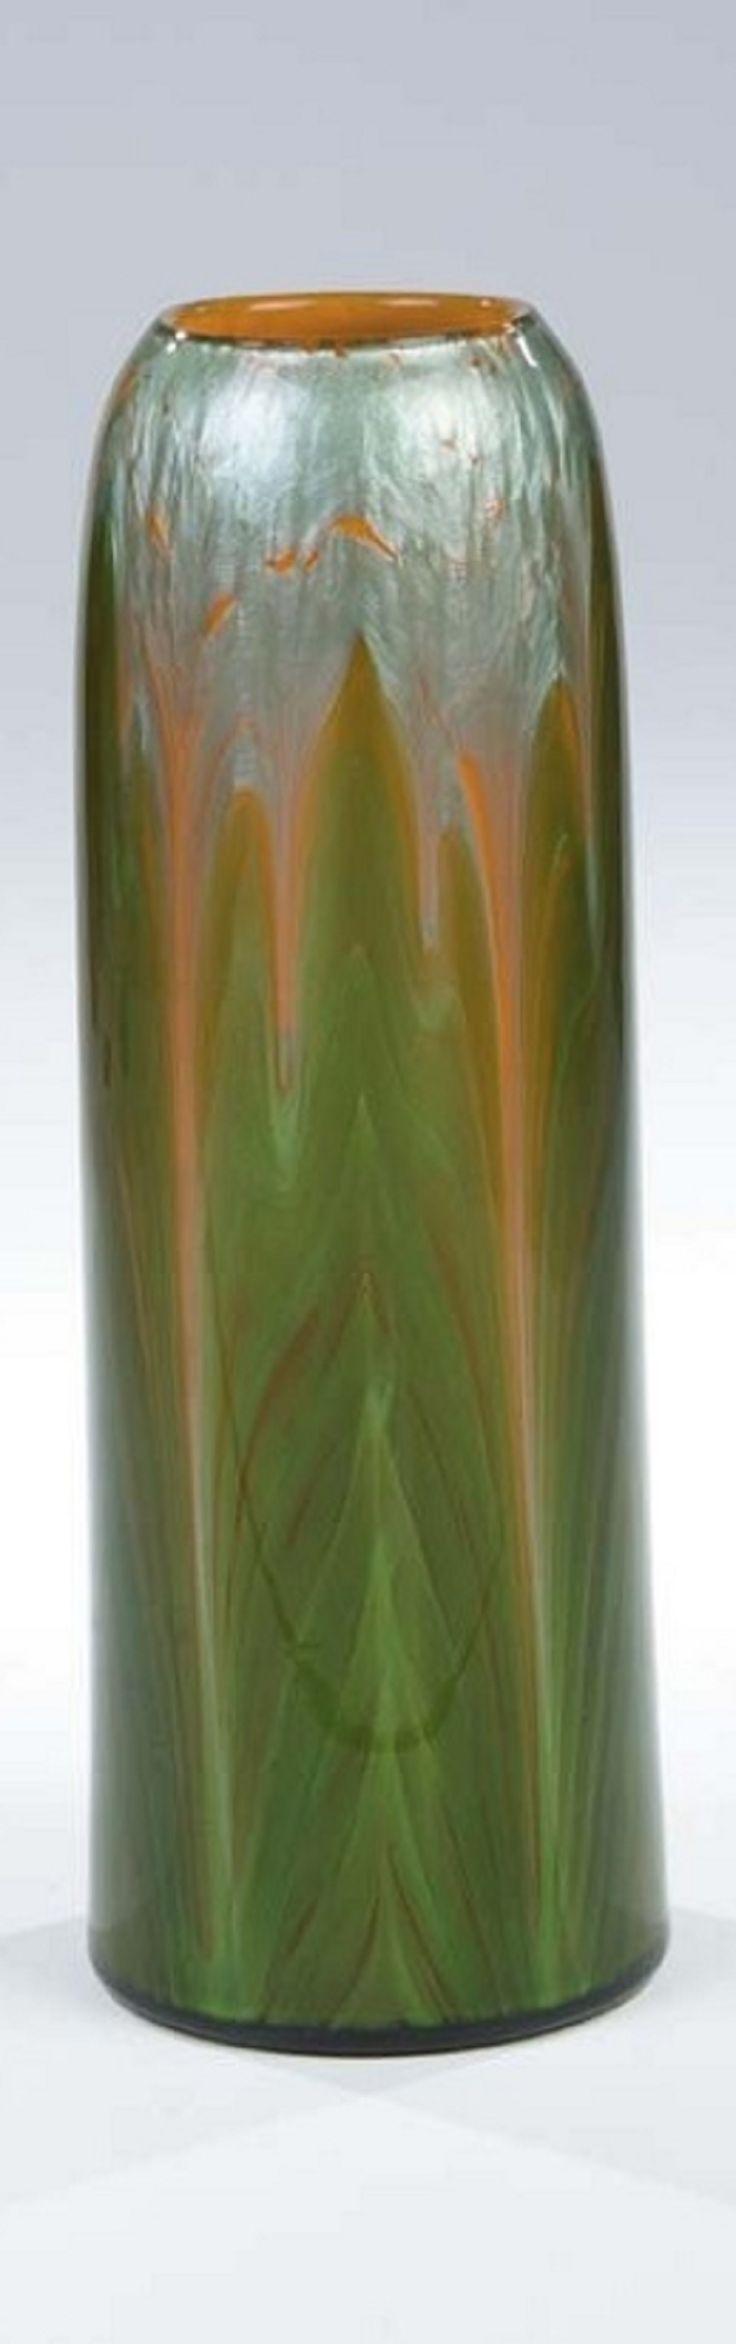 712 best loetz art glass images on pinterest art nouveau glass vase loetz titania glass art deco nouveau old reviewsmspy